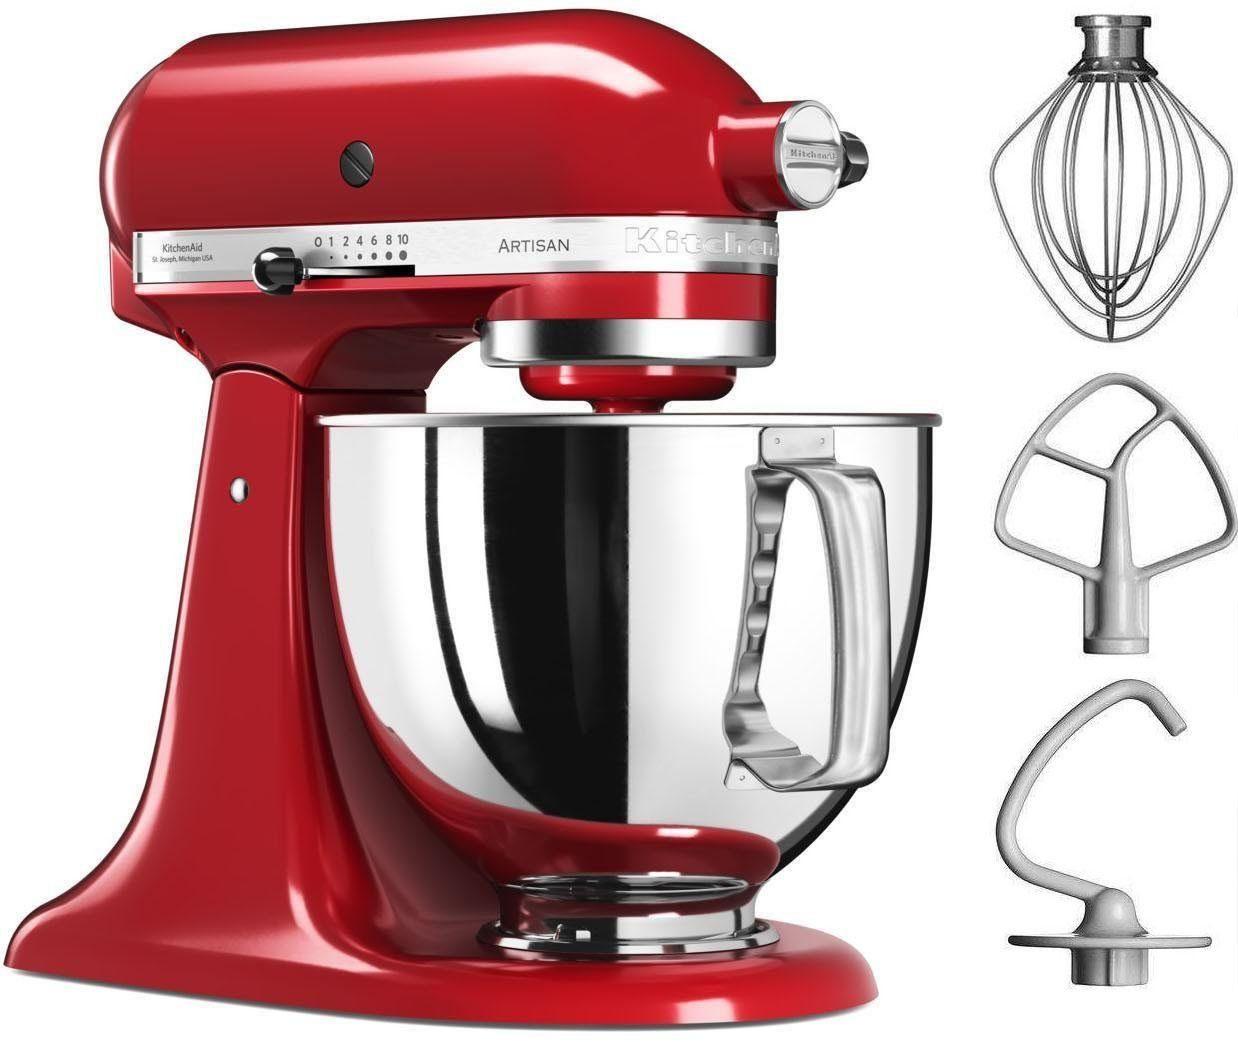 KitchenAid® Küchenmaschine Artisan 5KSM125EER, 4,8 Liter, 300 Watt, Empire Rot